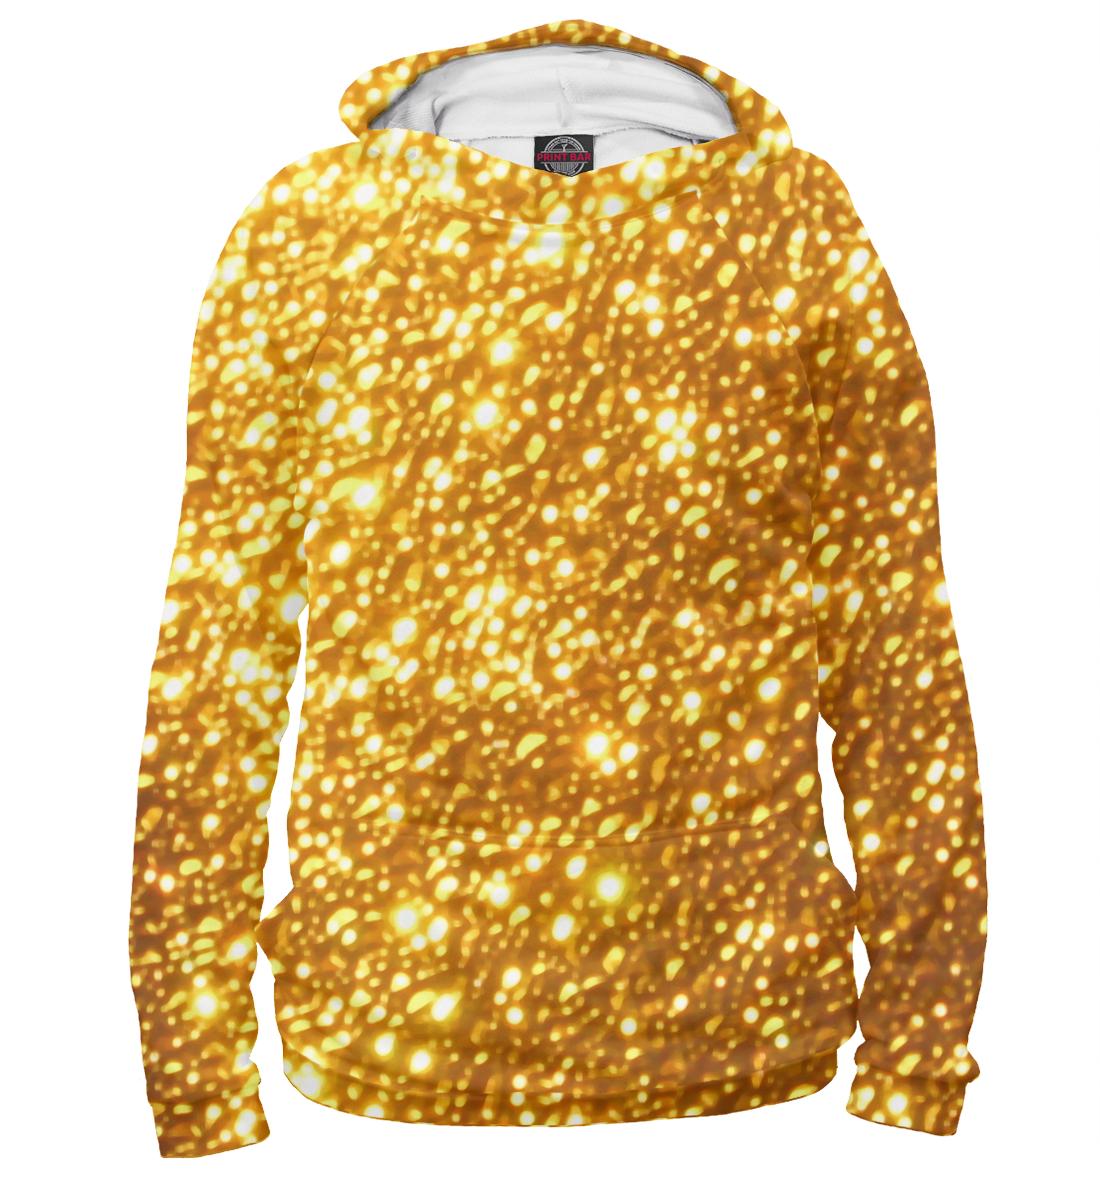 Купить Золото, Printbar, Худи, APD-995625-hud-2